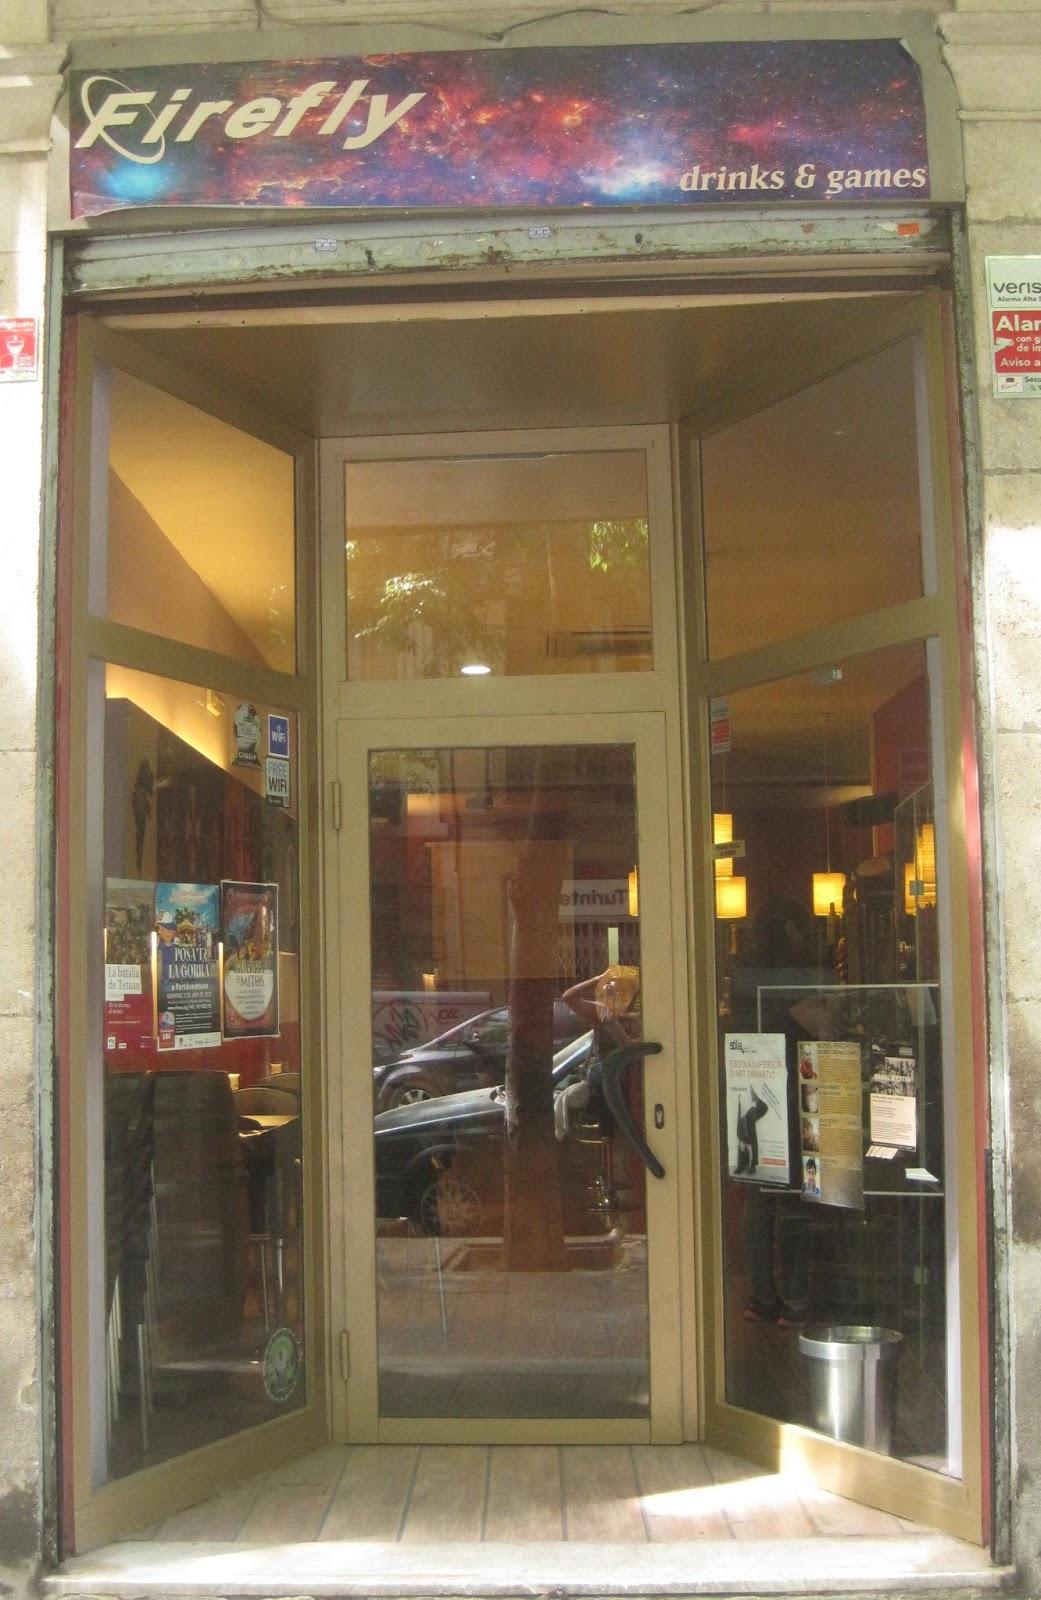 Vida en barcelona puntos de encuentro para jugadores de mesa solitarios - Firefly barcelona ...